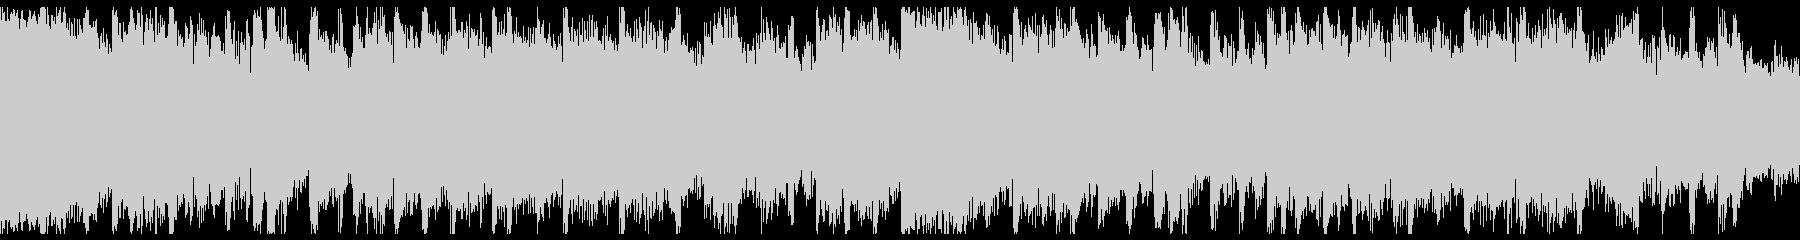 軽快でオシャレなEDM(15秒・②)の未再生の波形